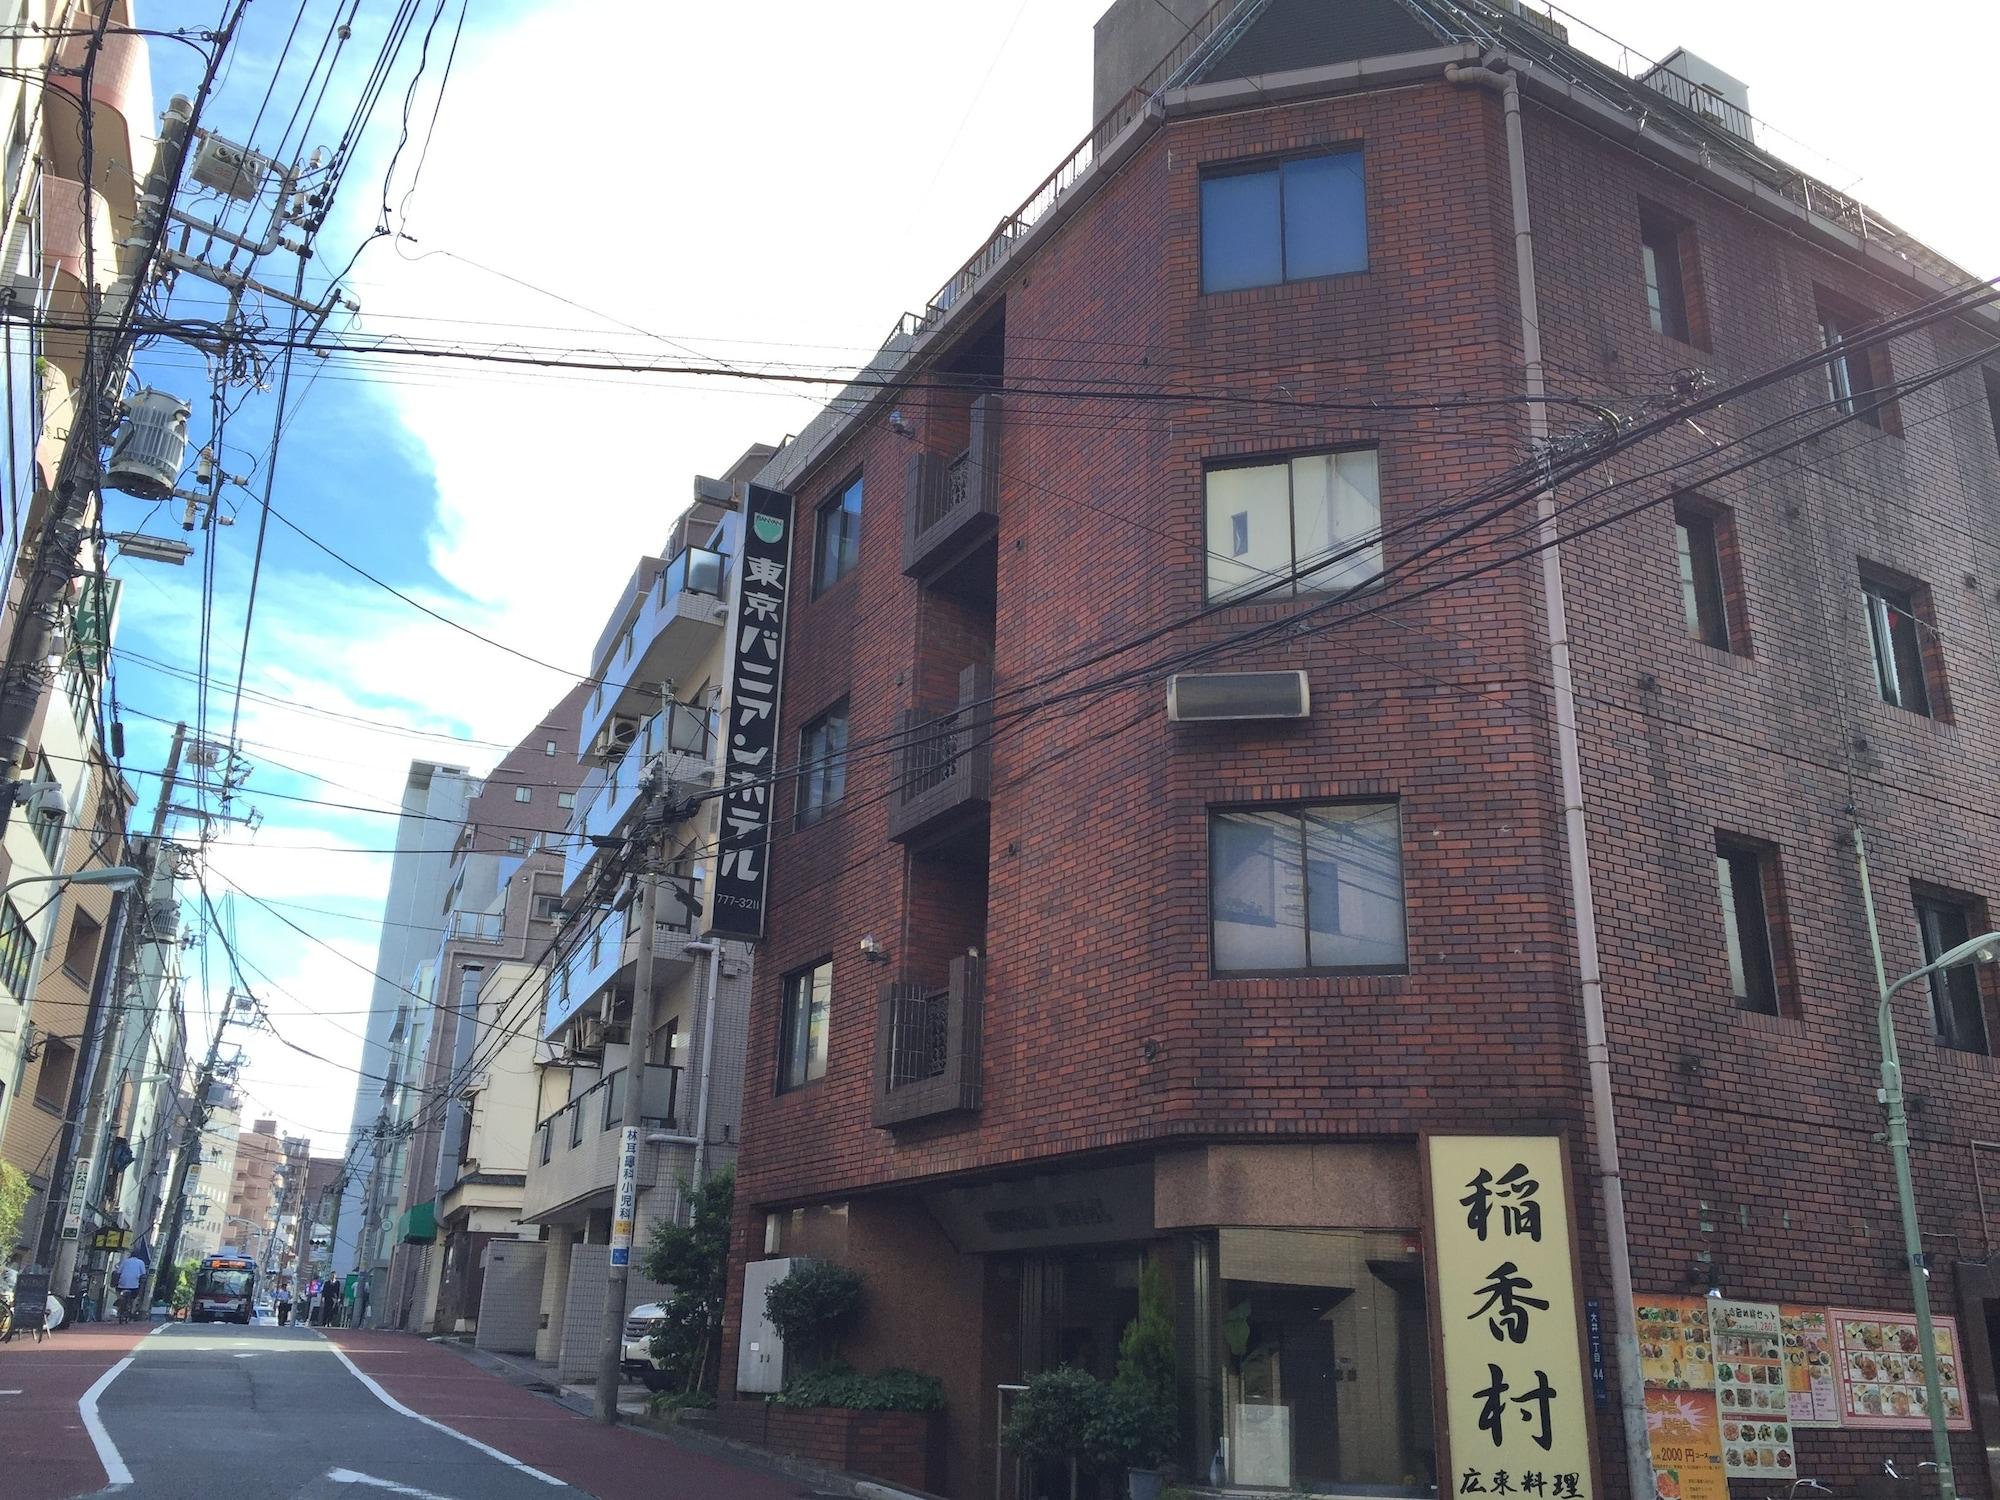 Tokyo Banyan Hotel, Shinagawa